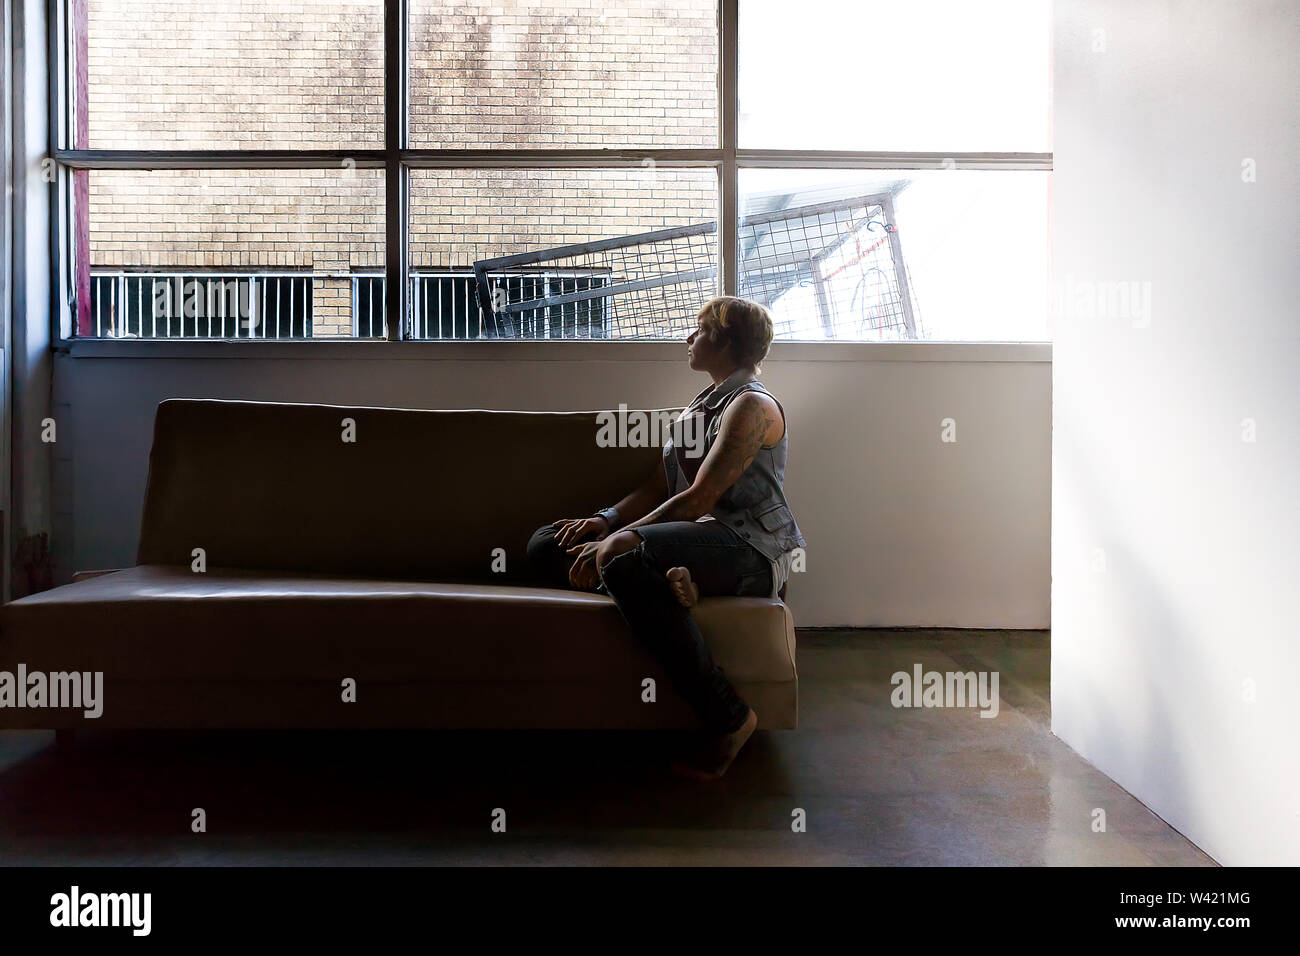 Jeune fille assise sur un canapé et détourner le regard de la fenêtre pour voir à l'extérieur dans une pièce avec des murs blancs Photo Stock